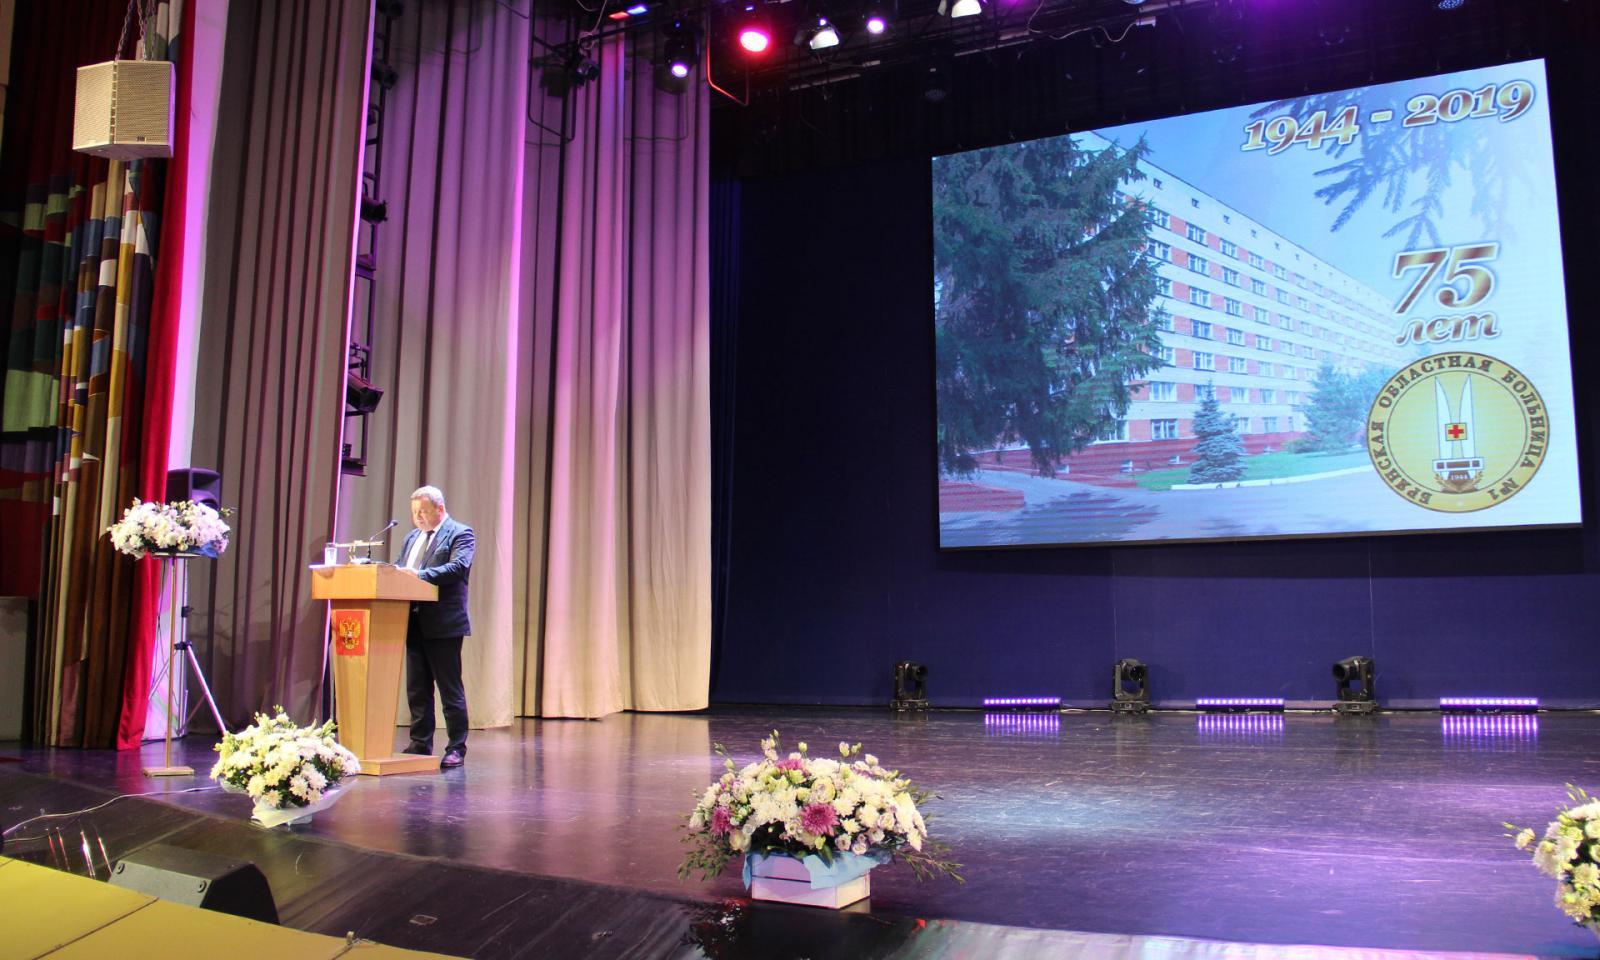 75 лет исполнилось со дня основания областной больницы